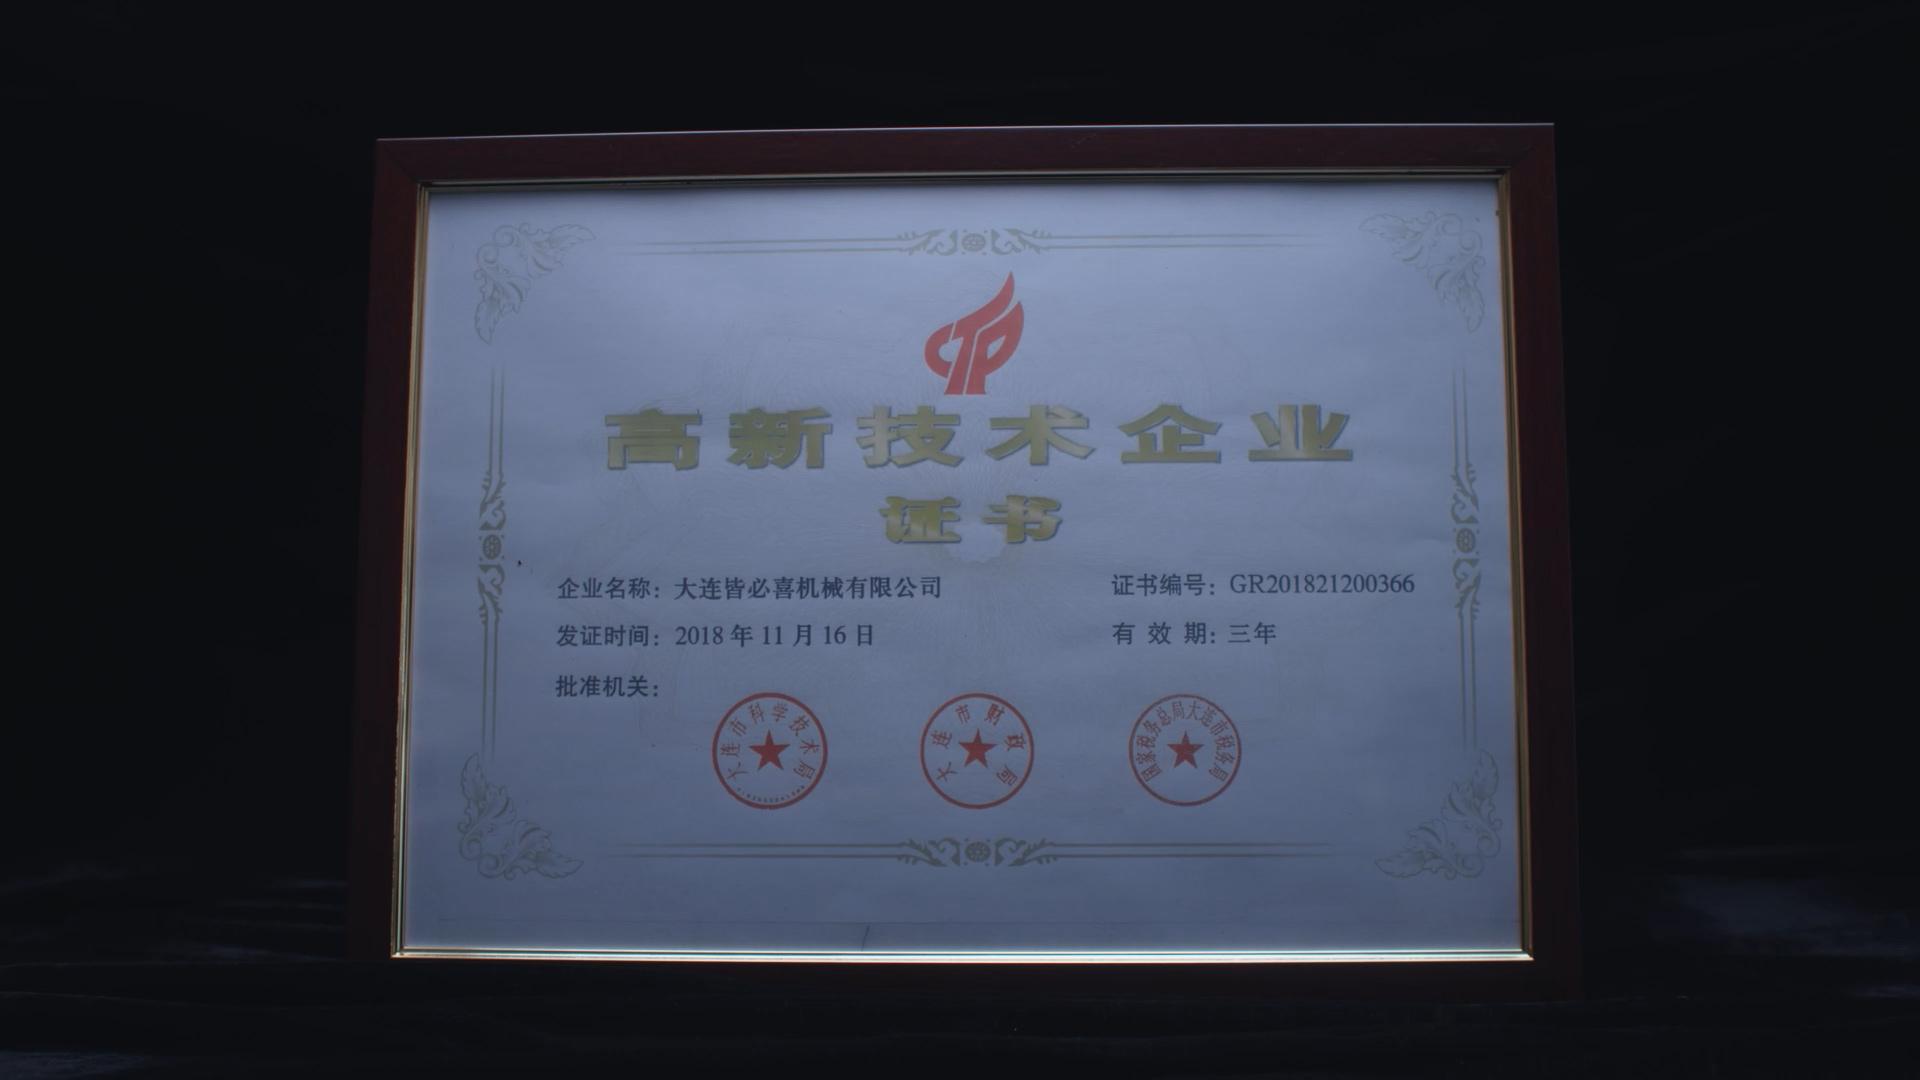 2018年11月、獲得國家高新技術企業認證